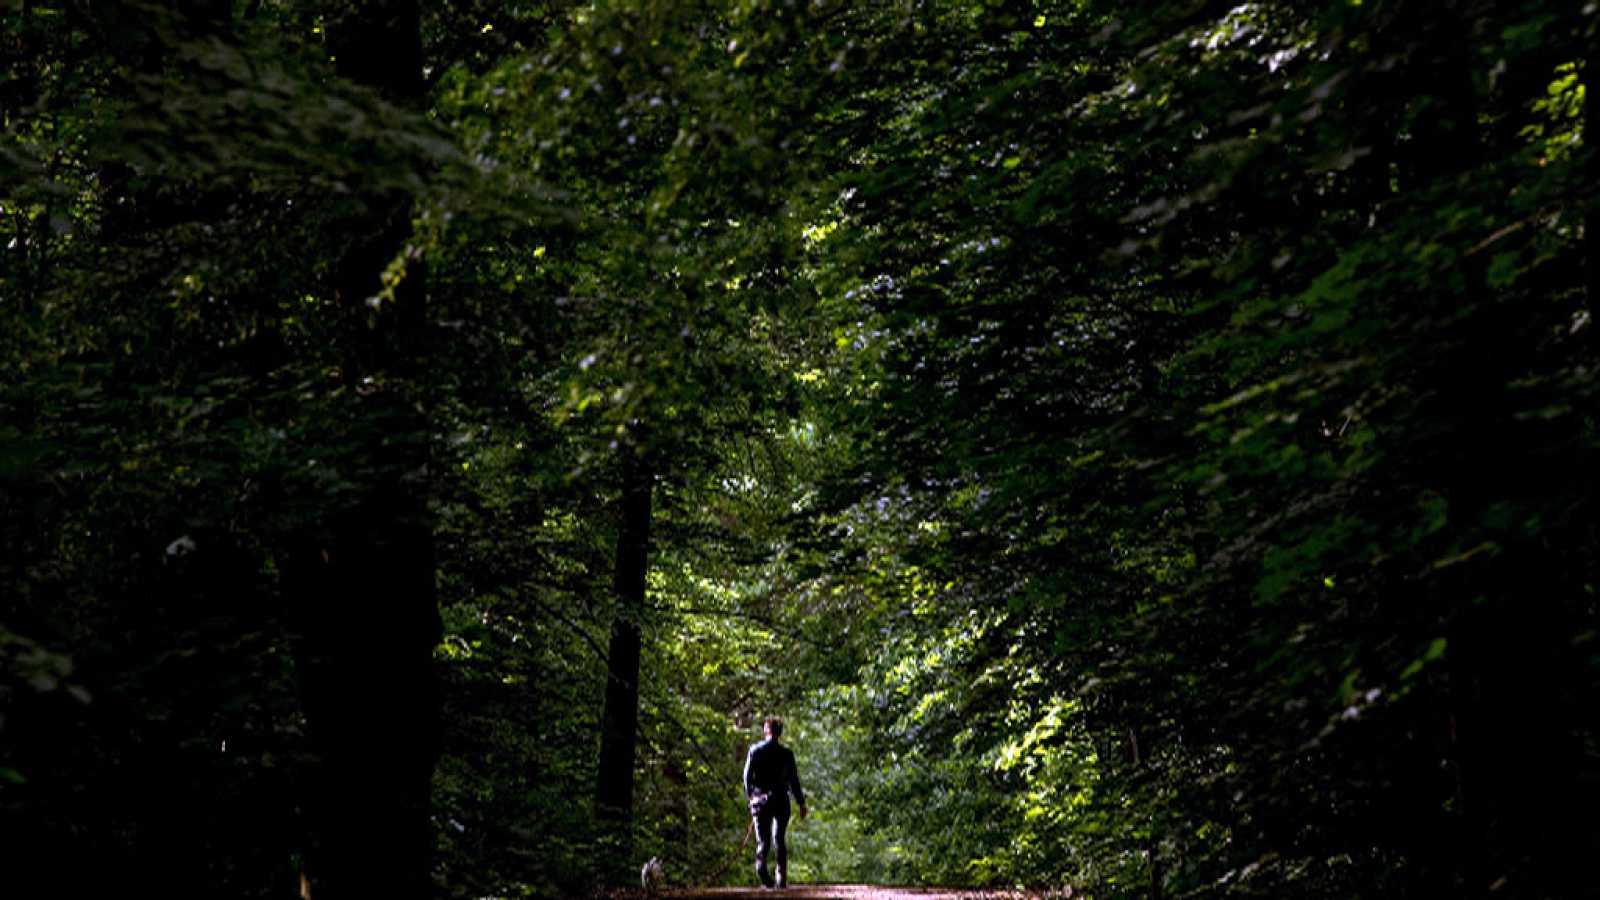 Raider Sport 3 - La montaña, el destino preferido - 02/07/20 - escuchar ahora